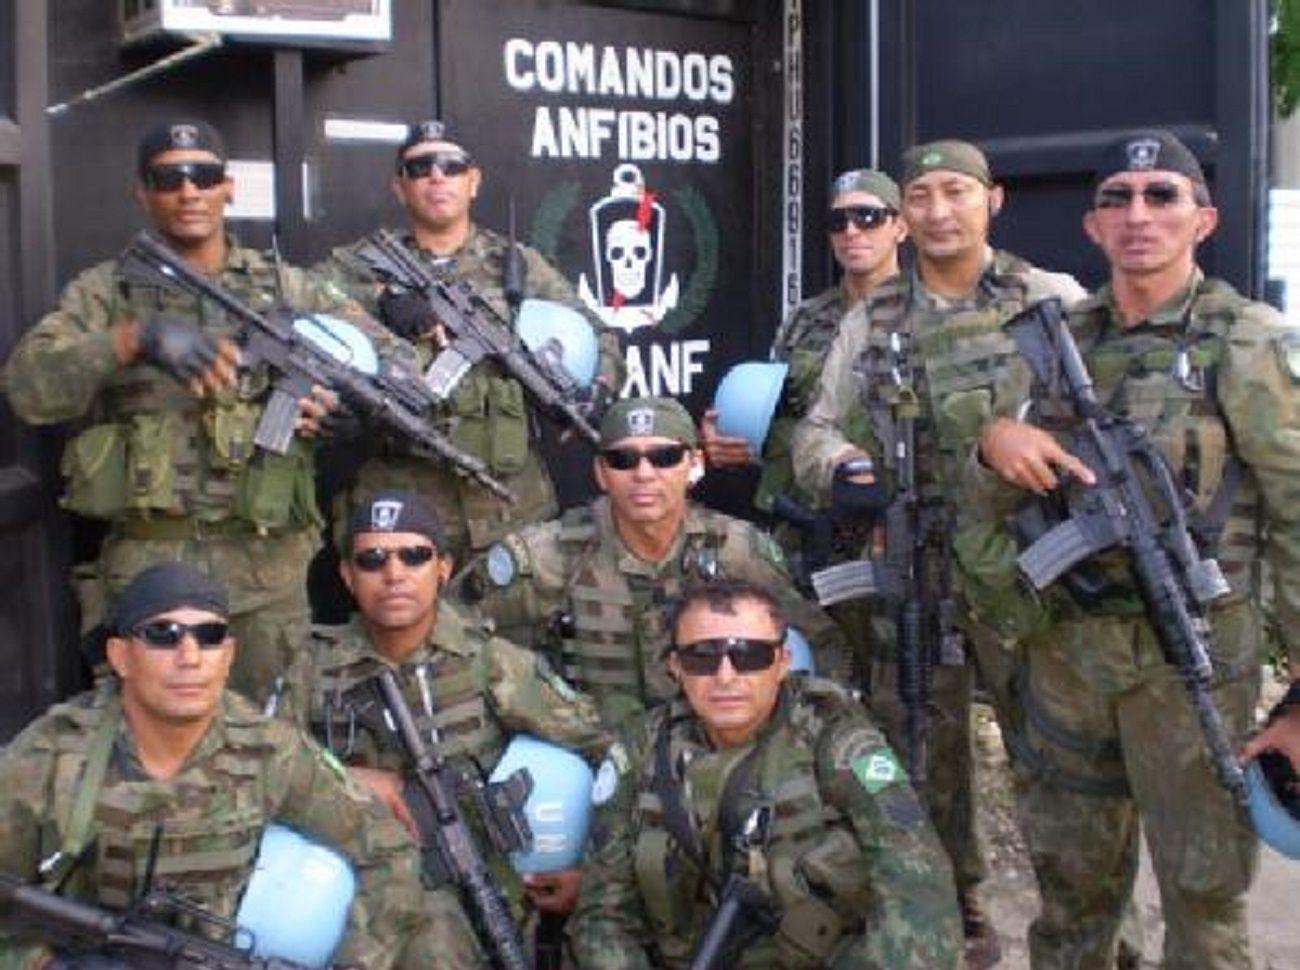 Soldados dos Comandos Anfíbios (COMANF) dos Fuzileiros Navais Brasileiros -  Marinha do Brasil no Haiti 4d21b966850